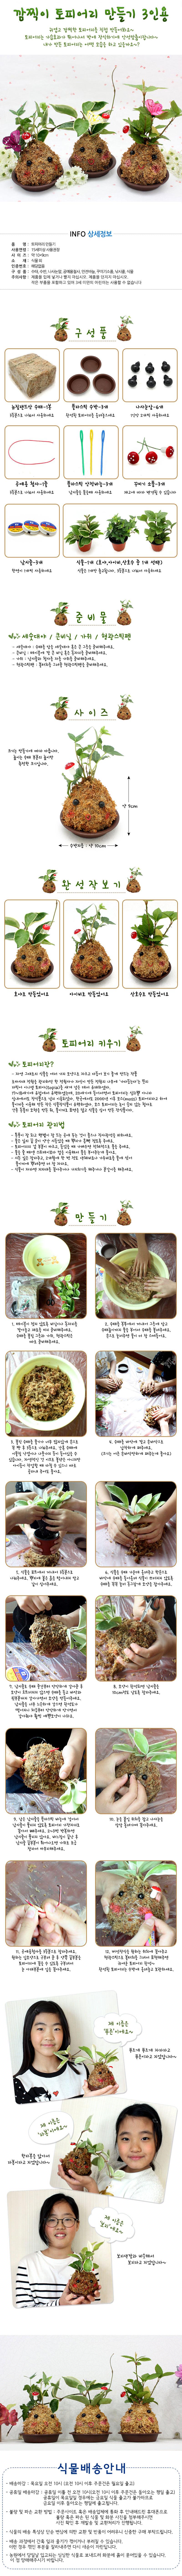 깜찍이 토피어리 만들기 3인용세트 - 에코키즈, 19,000원, 커피&티/키친박스, 커피&티/키친박스